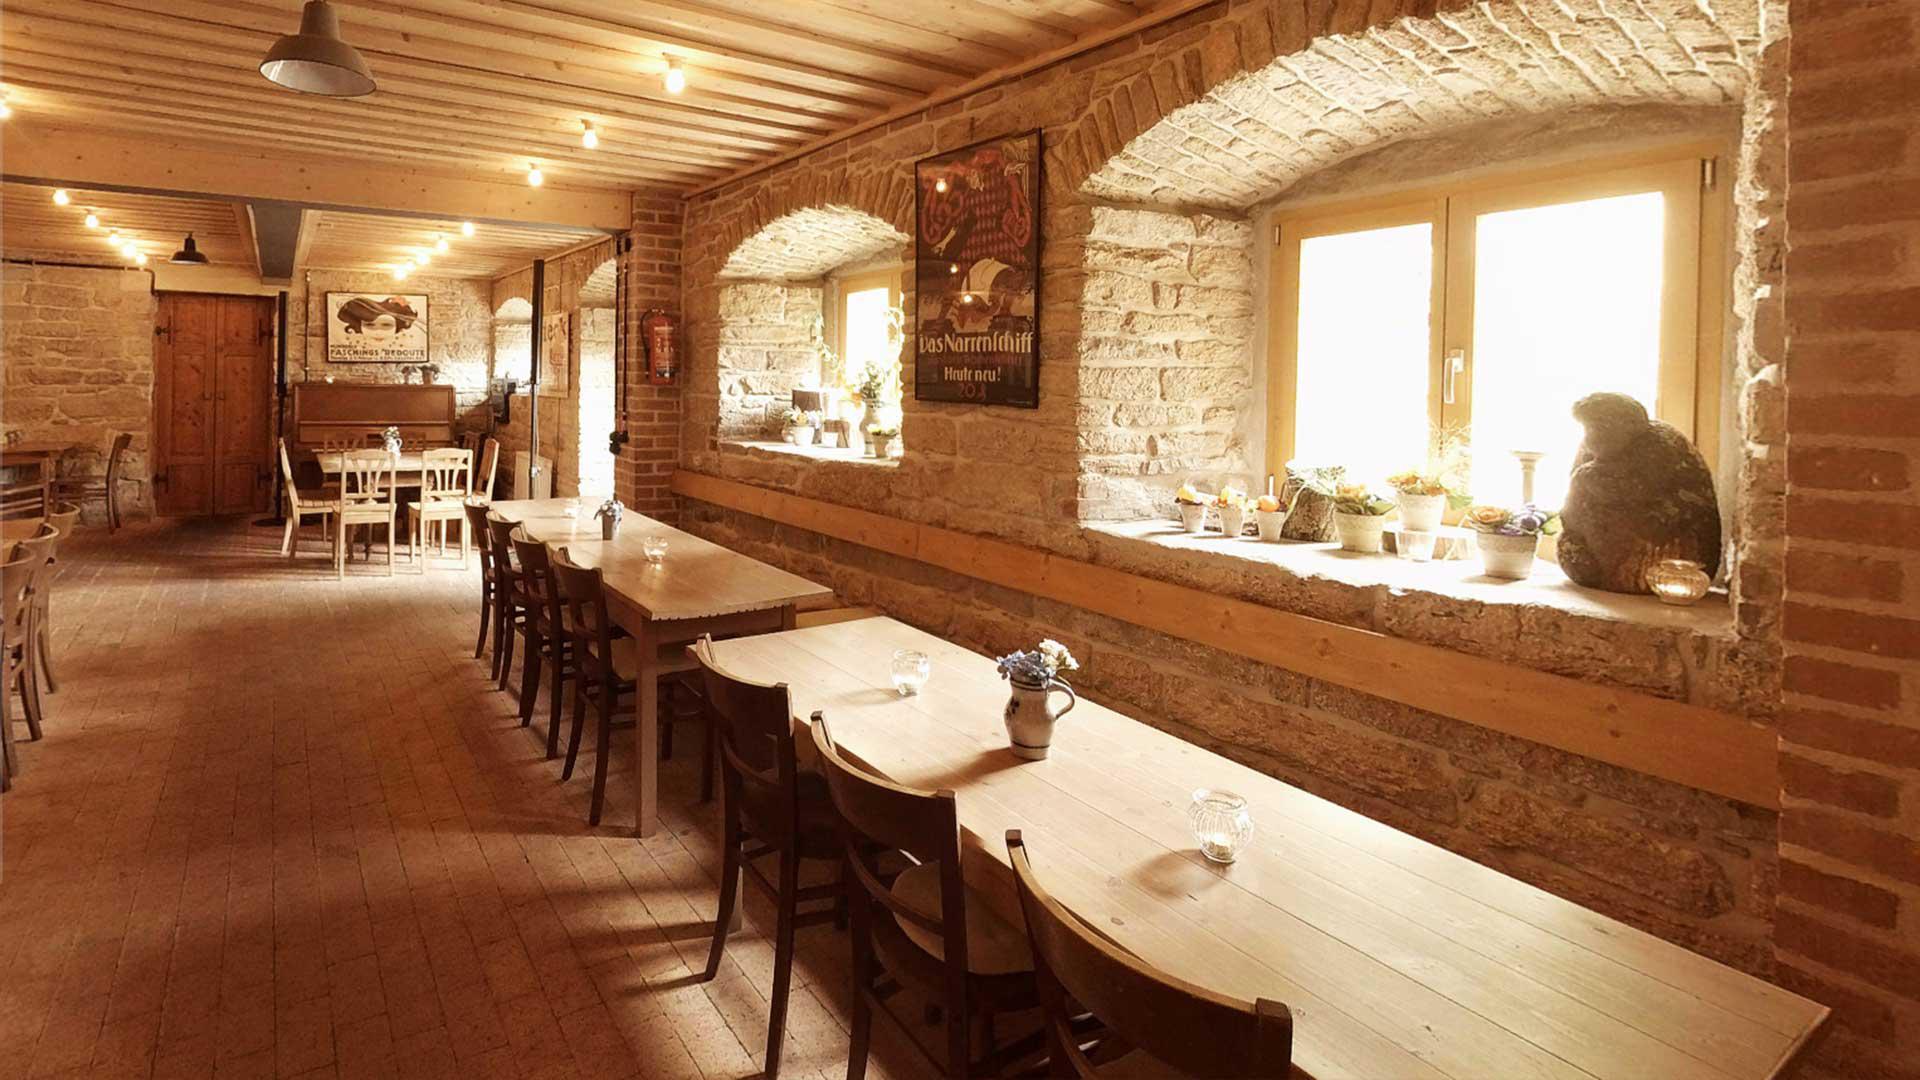 Krone Alt-Hoheneck - Das Gasthaus mit Festsaal am Neckar